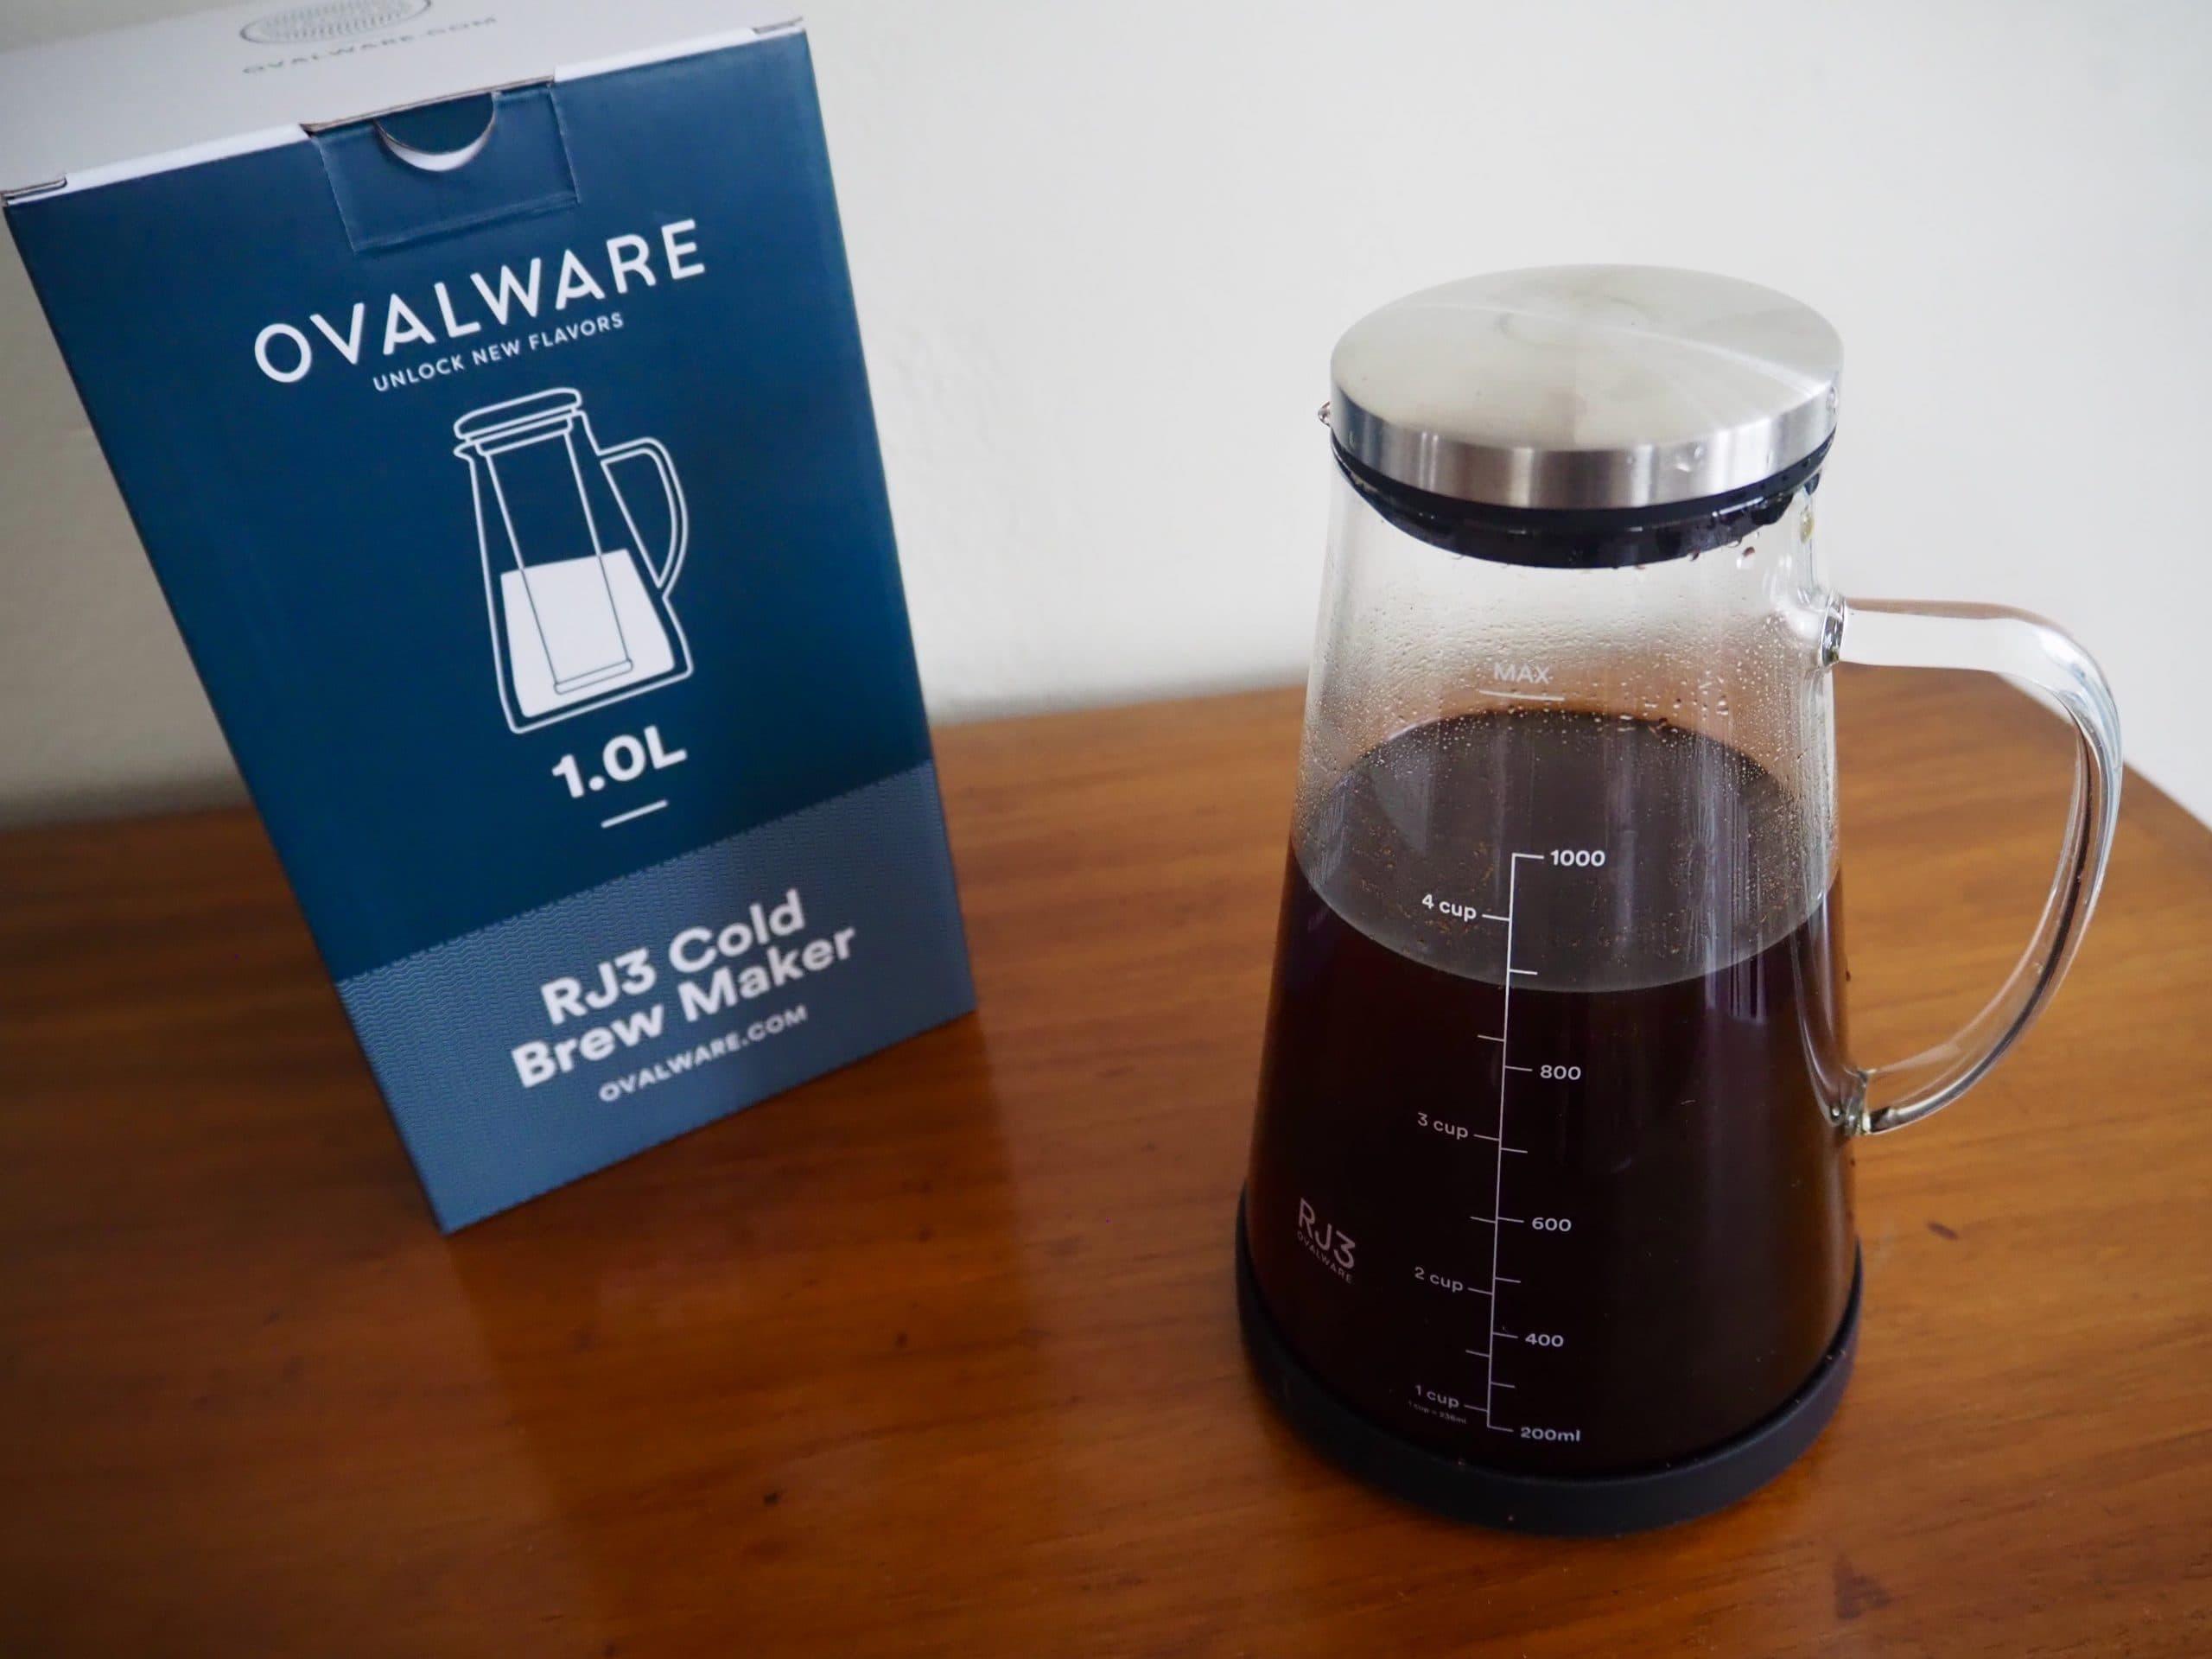 RJ3 cold brew